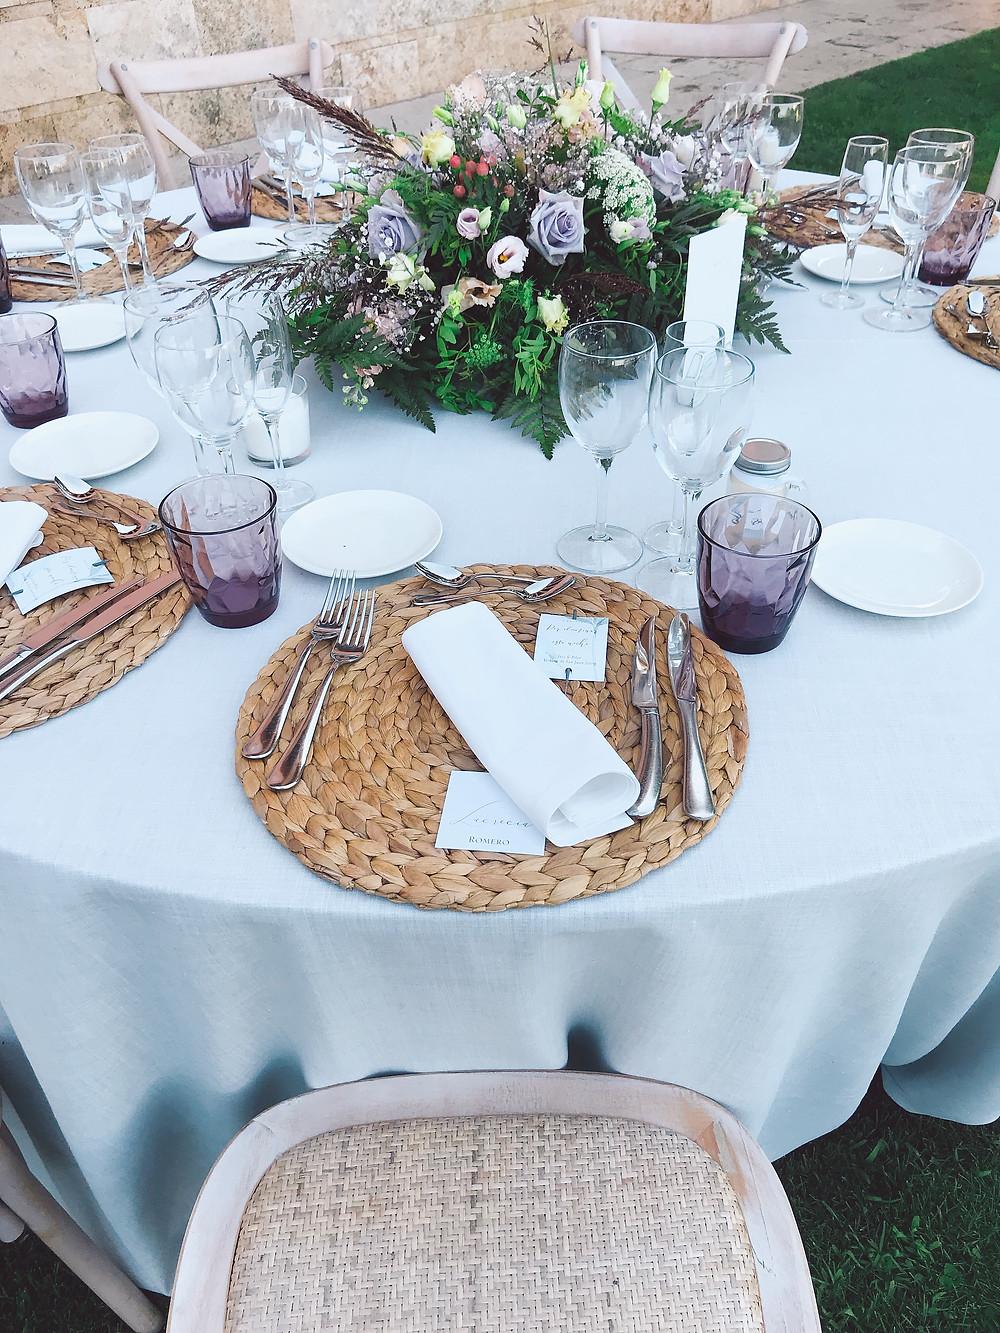 Masia-den-cabanyes-sibarum-catering-boda18